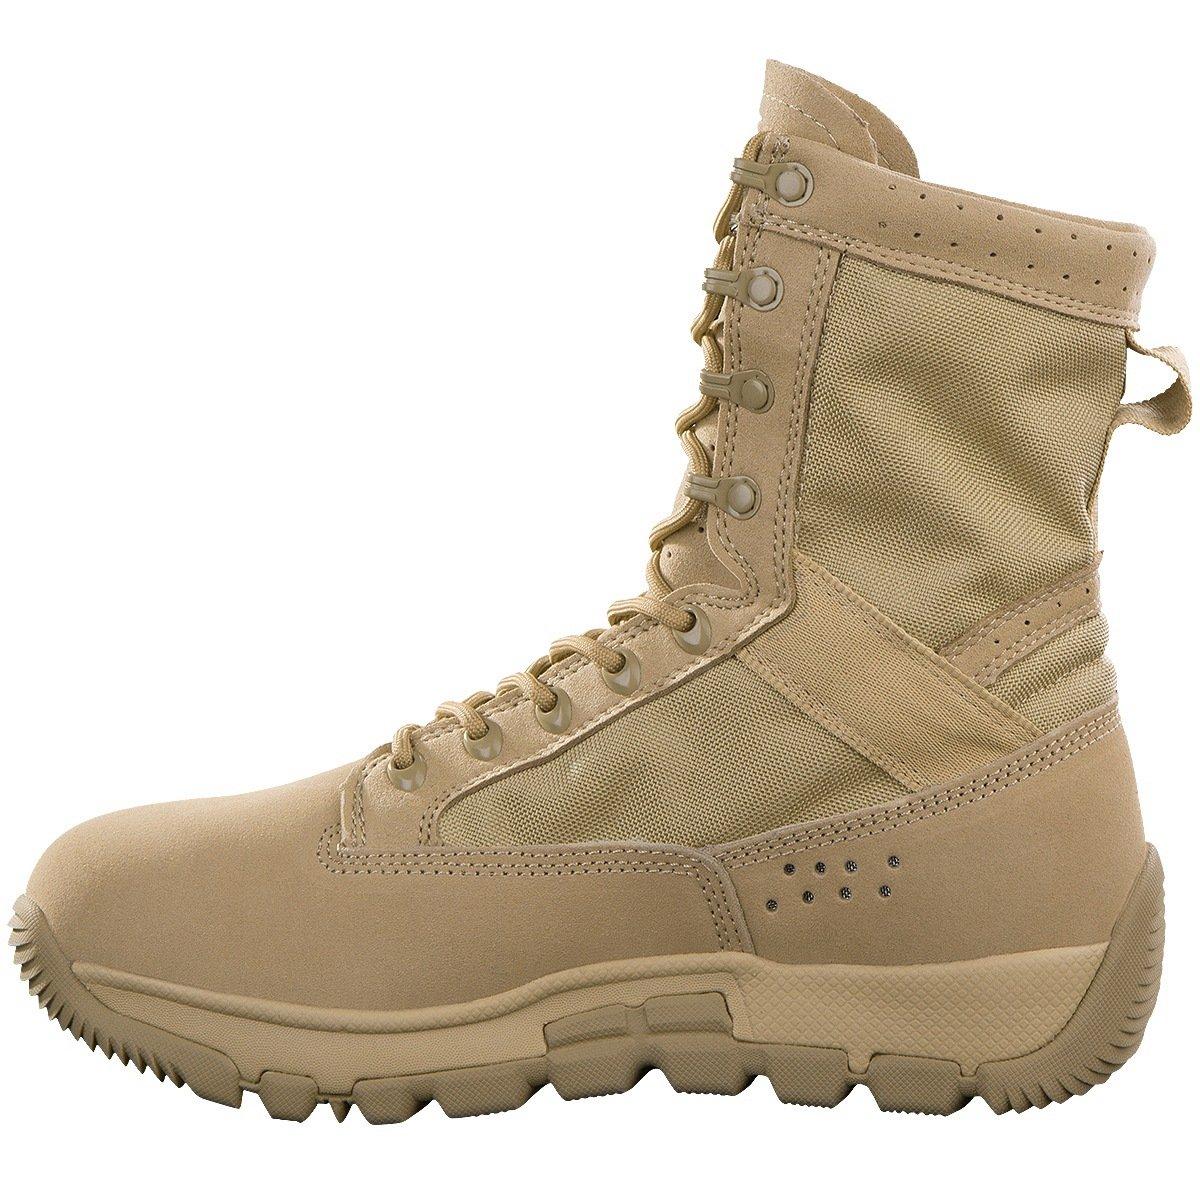 FREESOLDIER Free Soldier Military Herren Patrol Arbeit Wandern Stiefel Tactical Stellar Schuhe Leder Desert Combat Stiefel